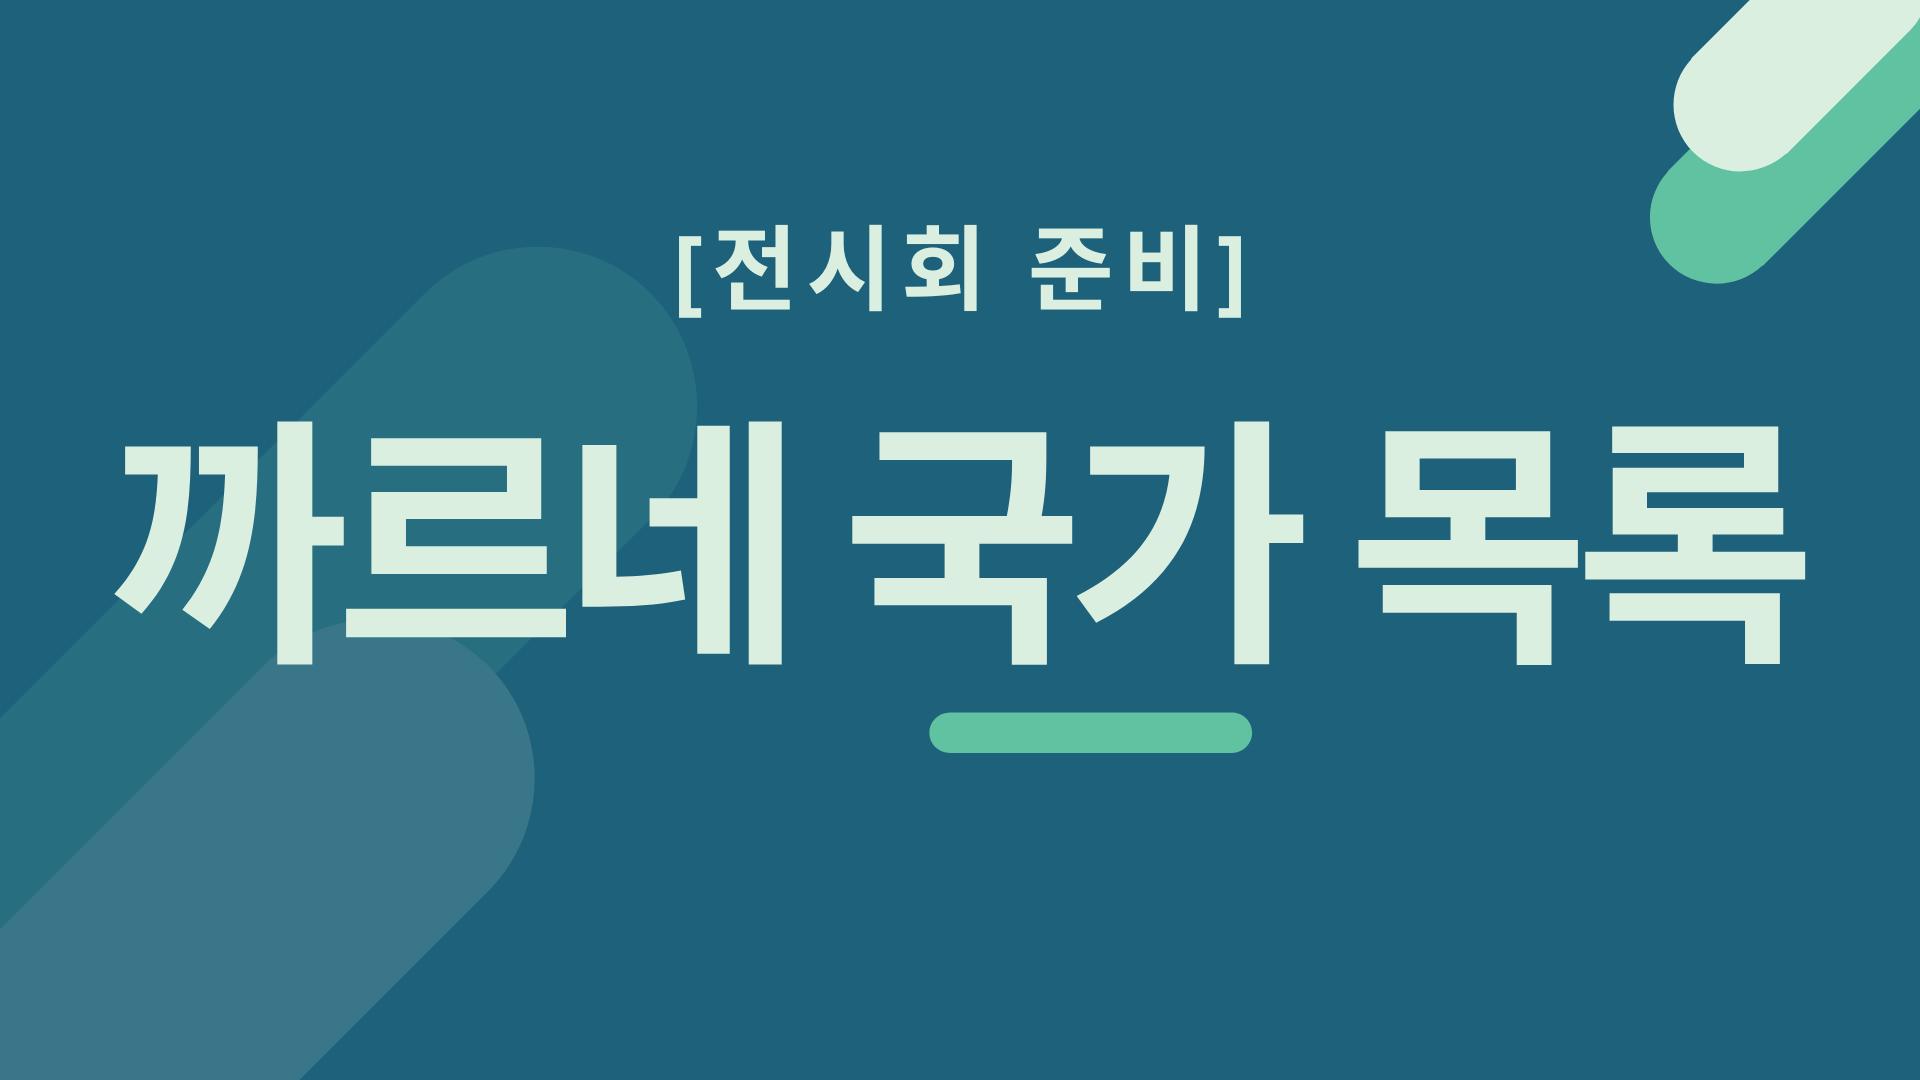 박람회 전시품 전용 운송 통관] 관세없이 운송 가능한 국가 목록 (feat. ATA Carnet)